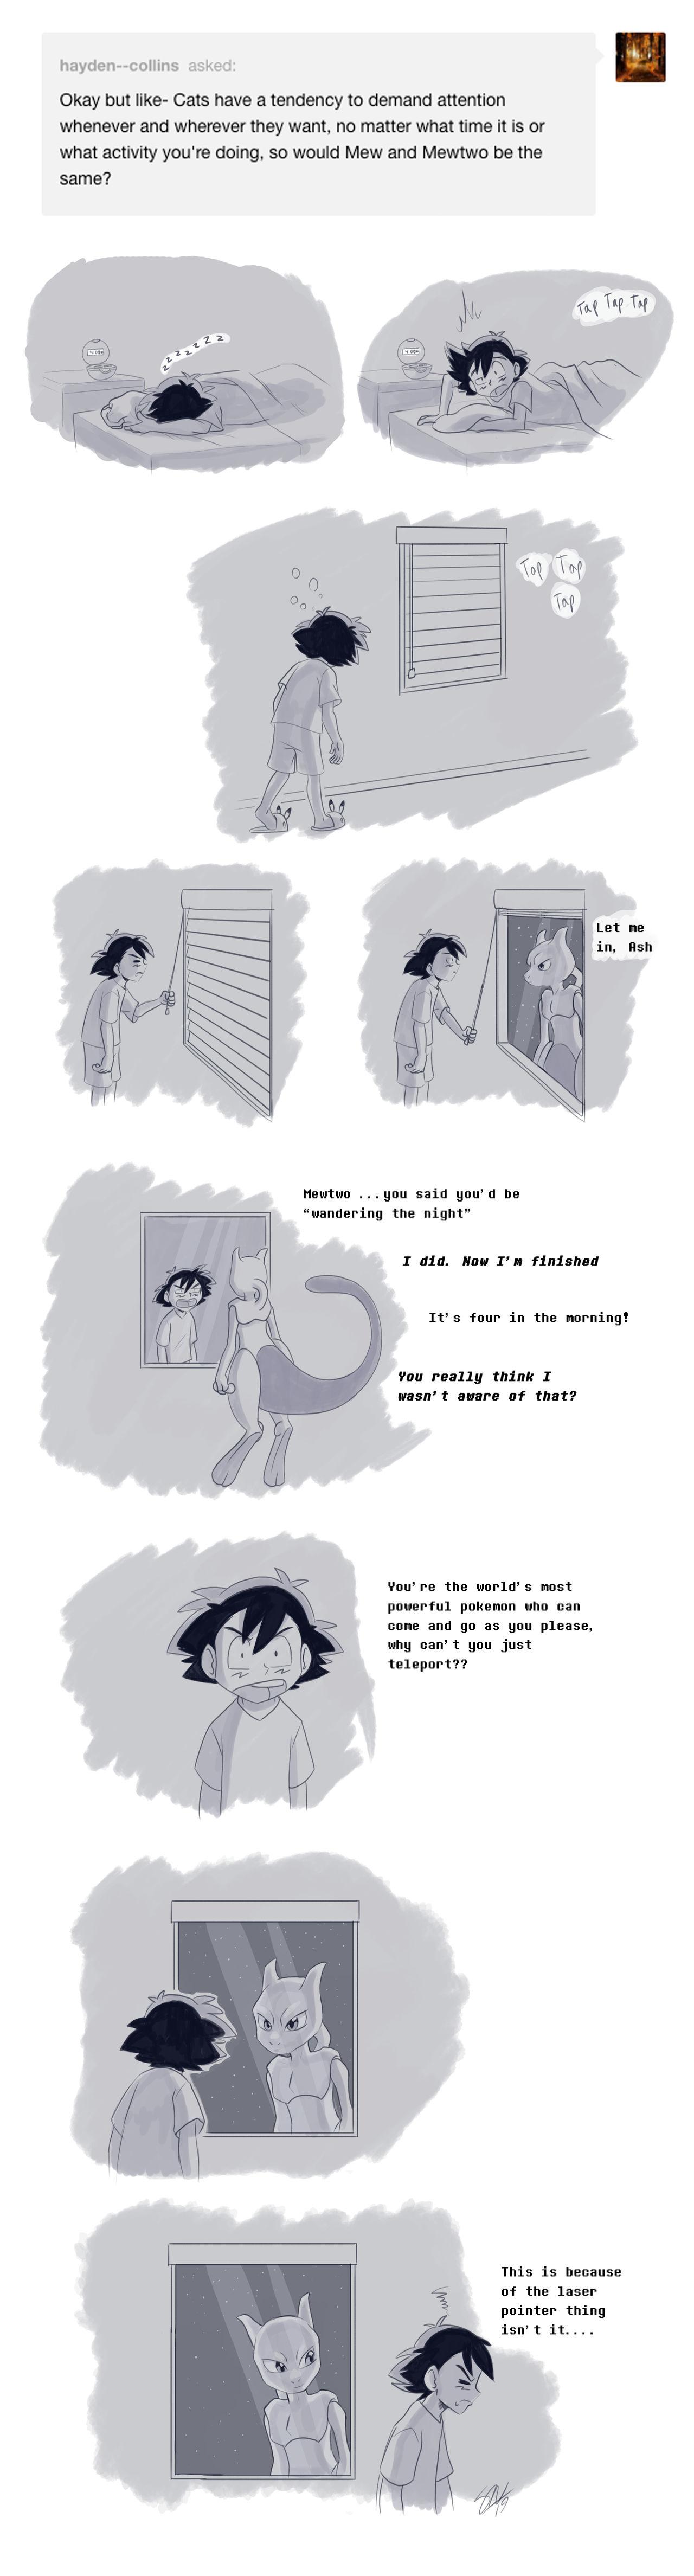 Mewtwo's revenge